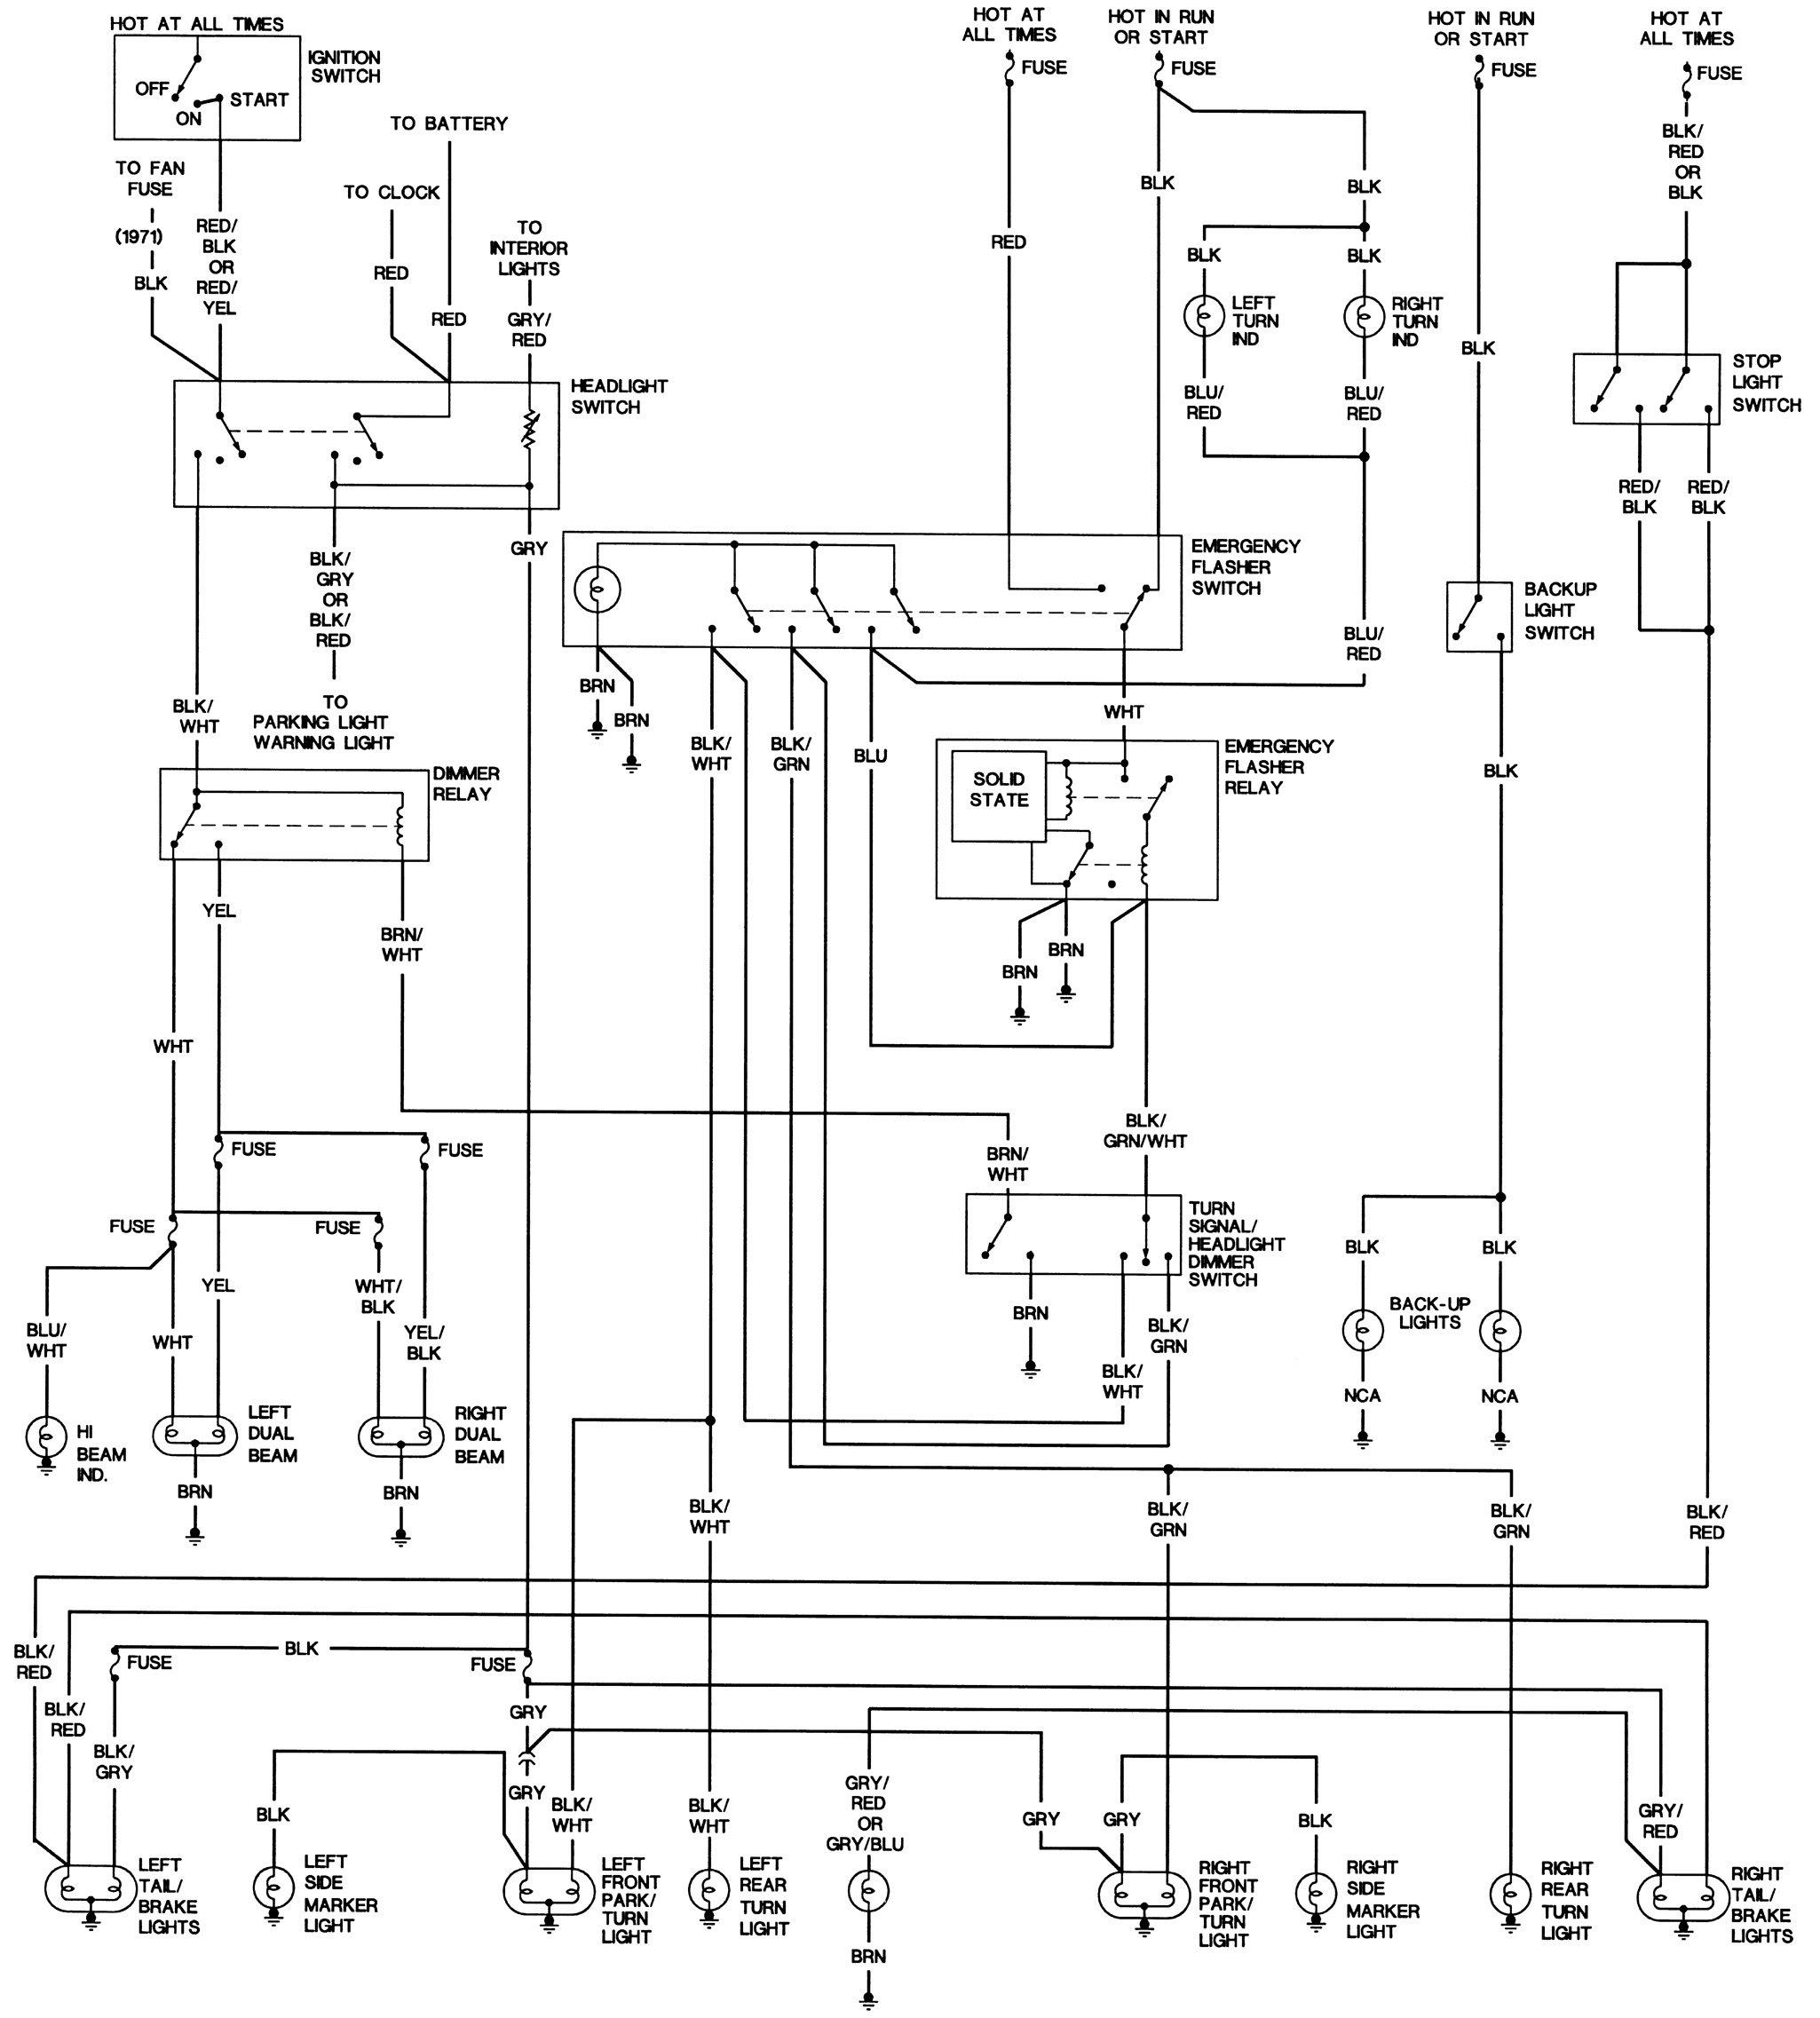 Diagram 1981 Vanagon Headlight Relay Wiring Diagram Full Version Hd Quality Wiring Diagram Diagramsolden Unbroken Ilfilm It